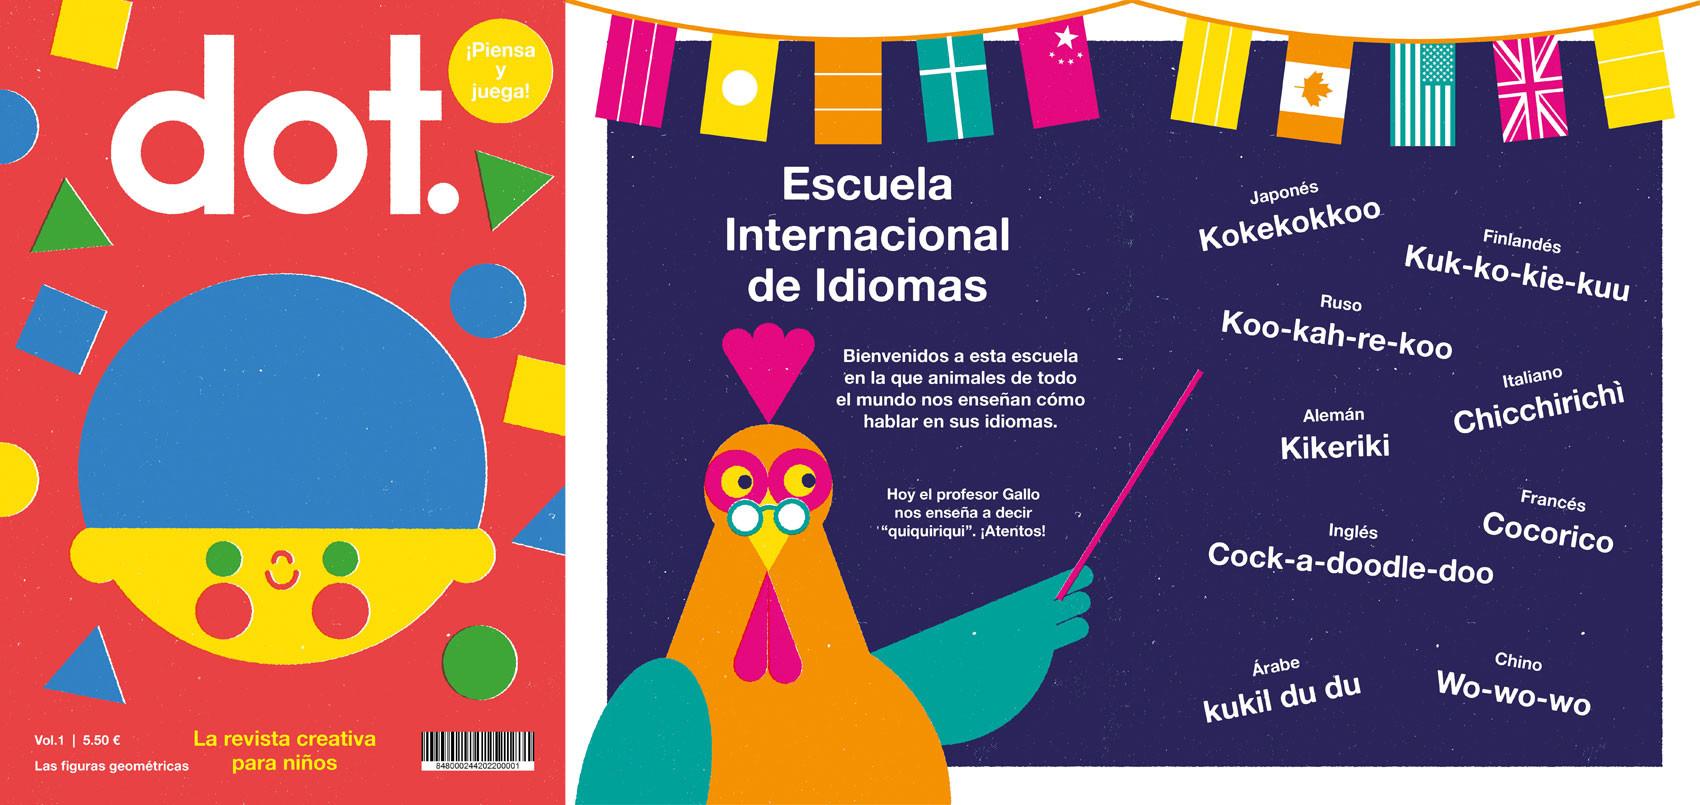 Cathy Olmedillas interview image 0